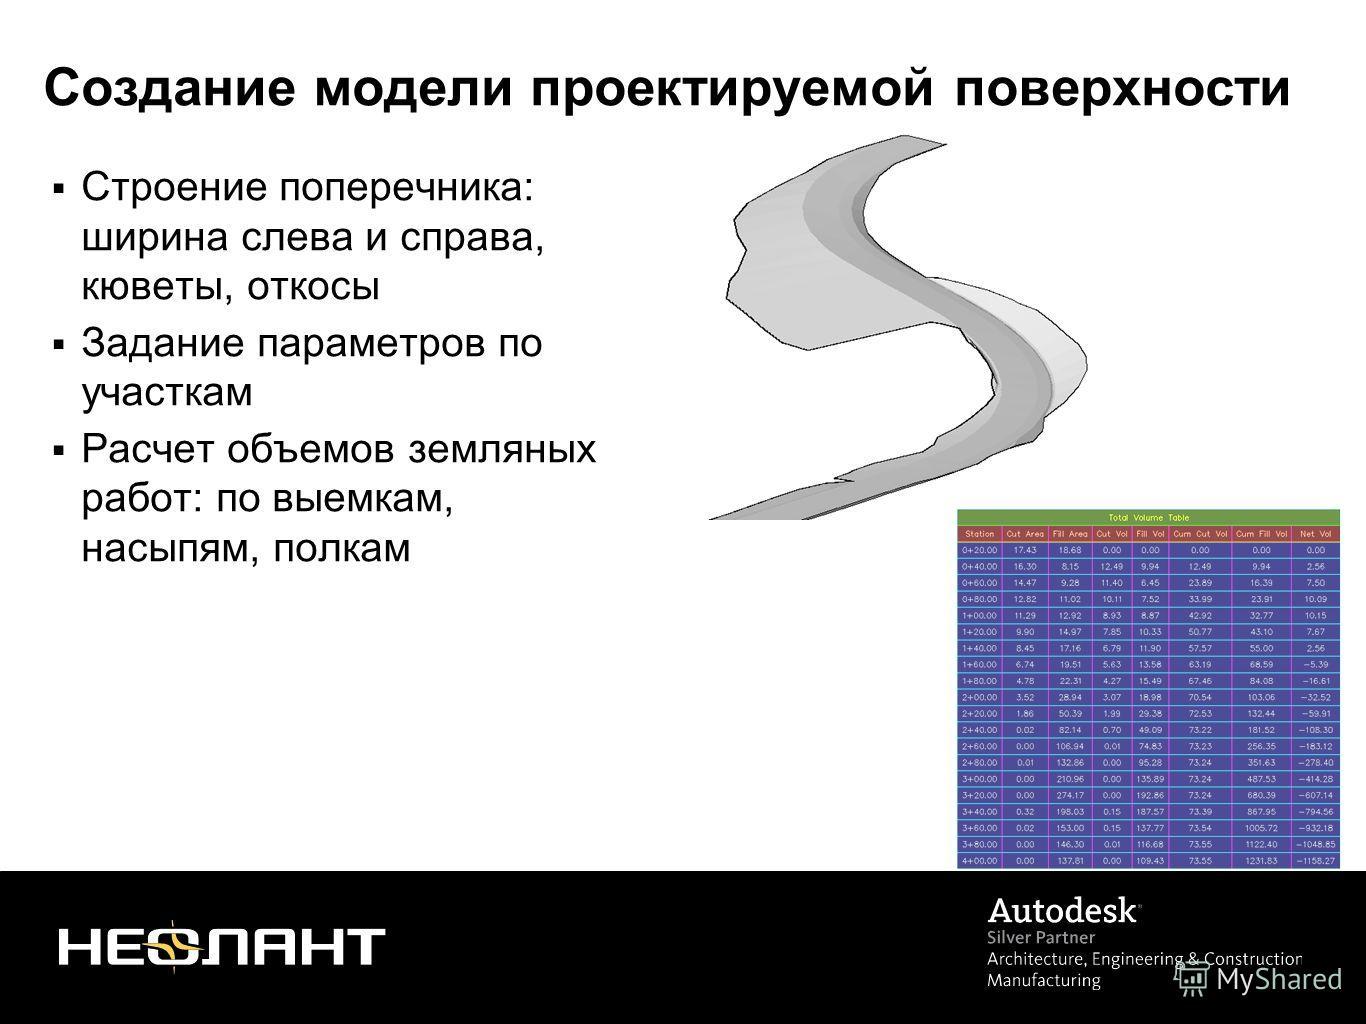 Создание модели проектируемой поверхности Строение поперечника: ширина слева и справа, кюветы, откосы Задание параметров по участкам Расчет объемов земляных работ: по выемкам, насыпям, полкам